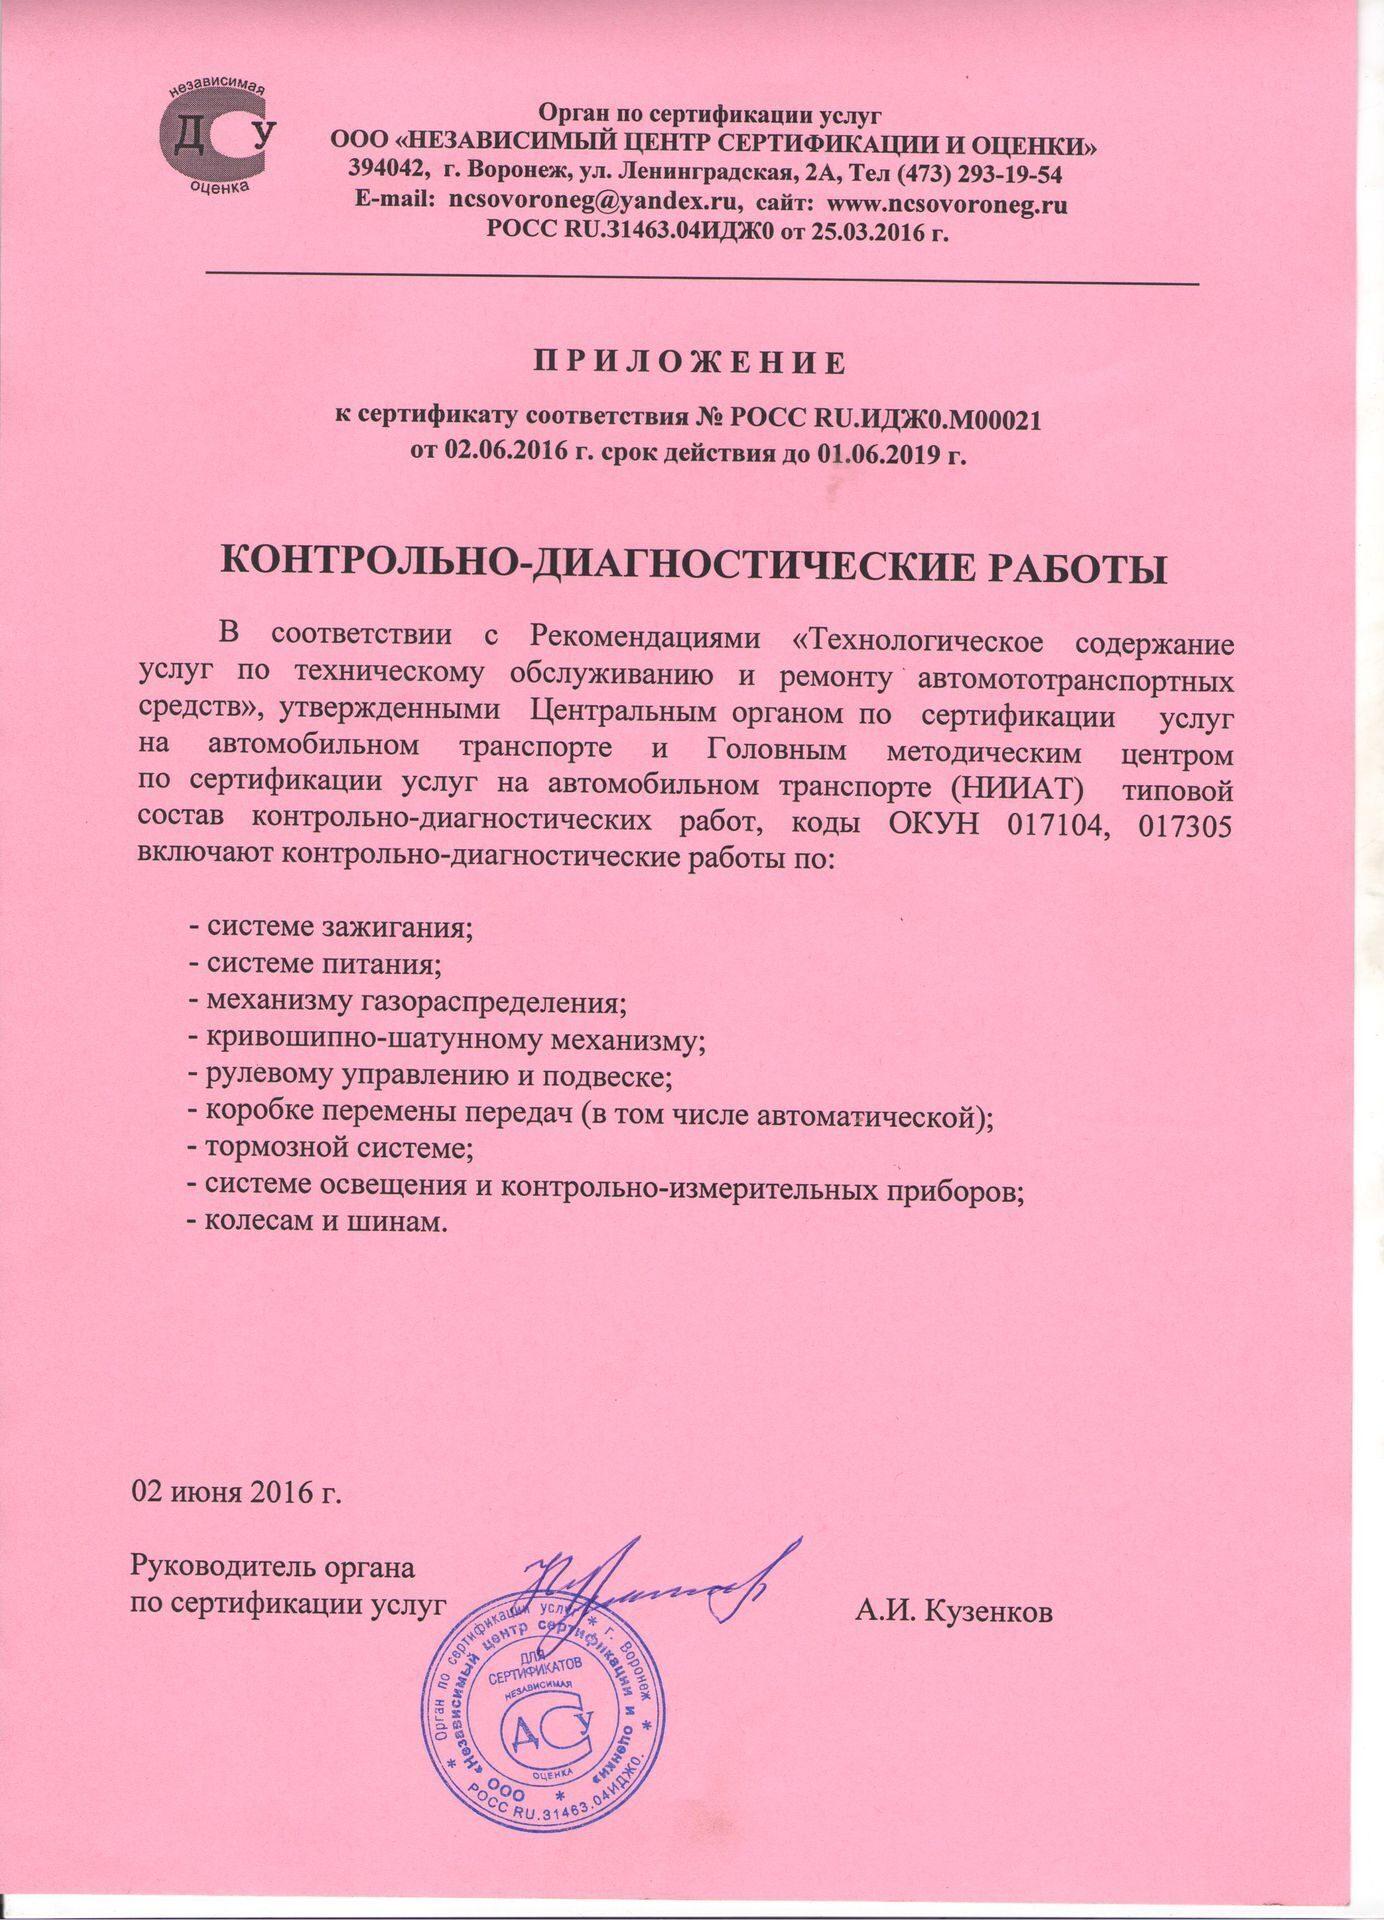 Сертификаты компании car prav Контрольно диагностические работы